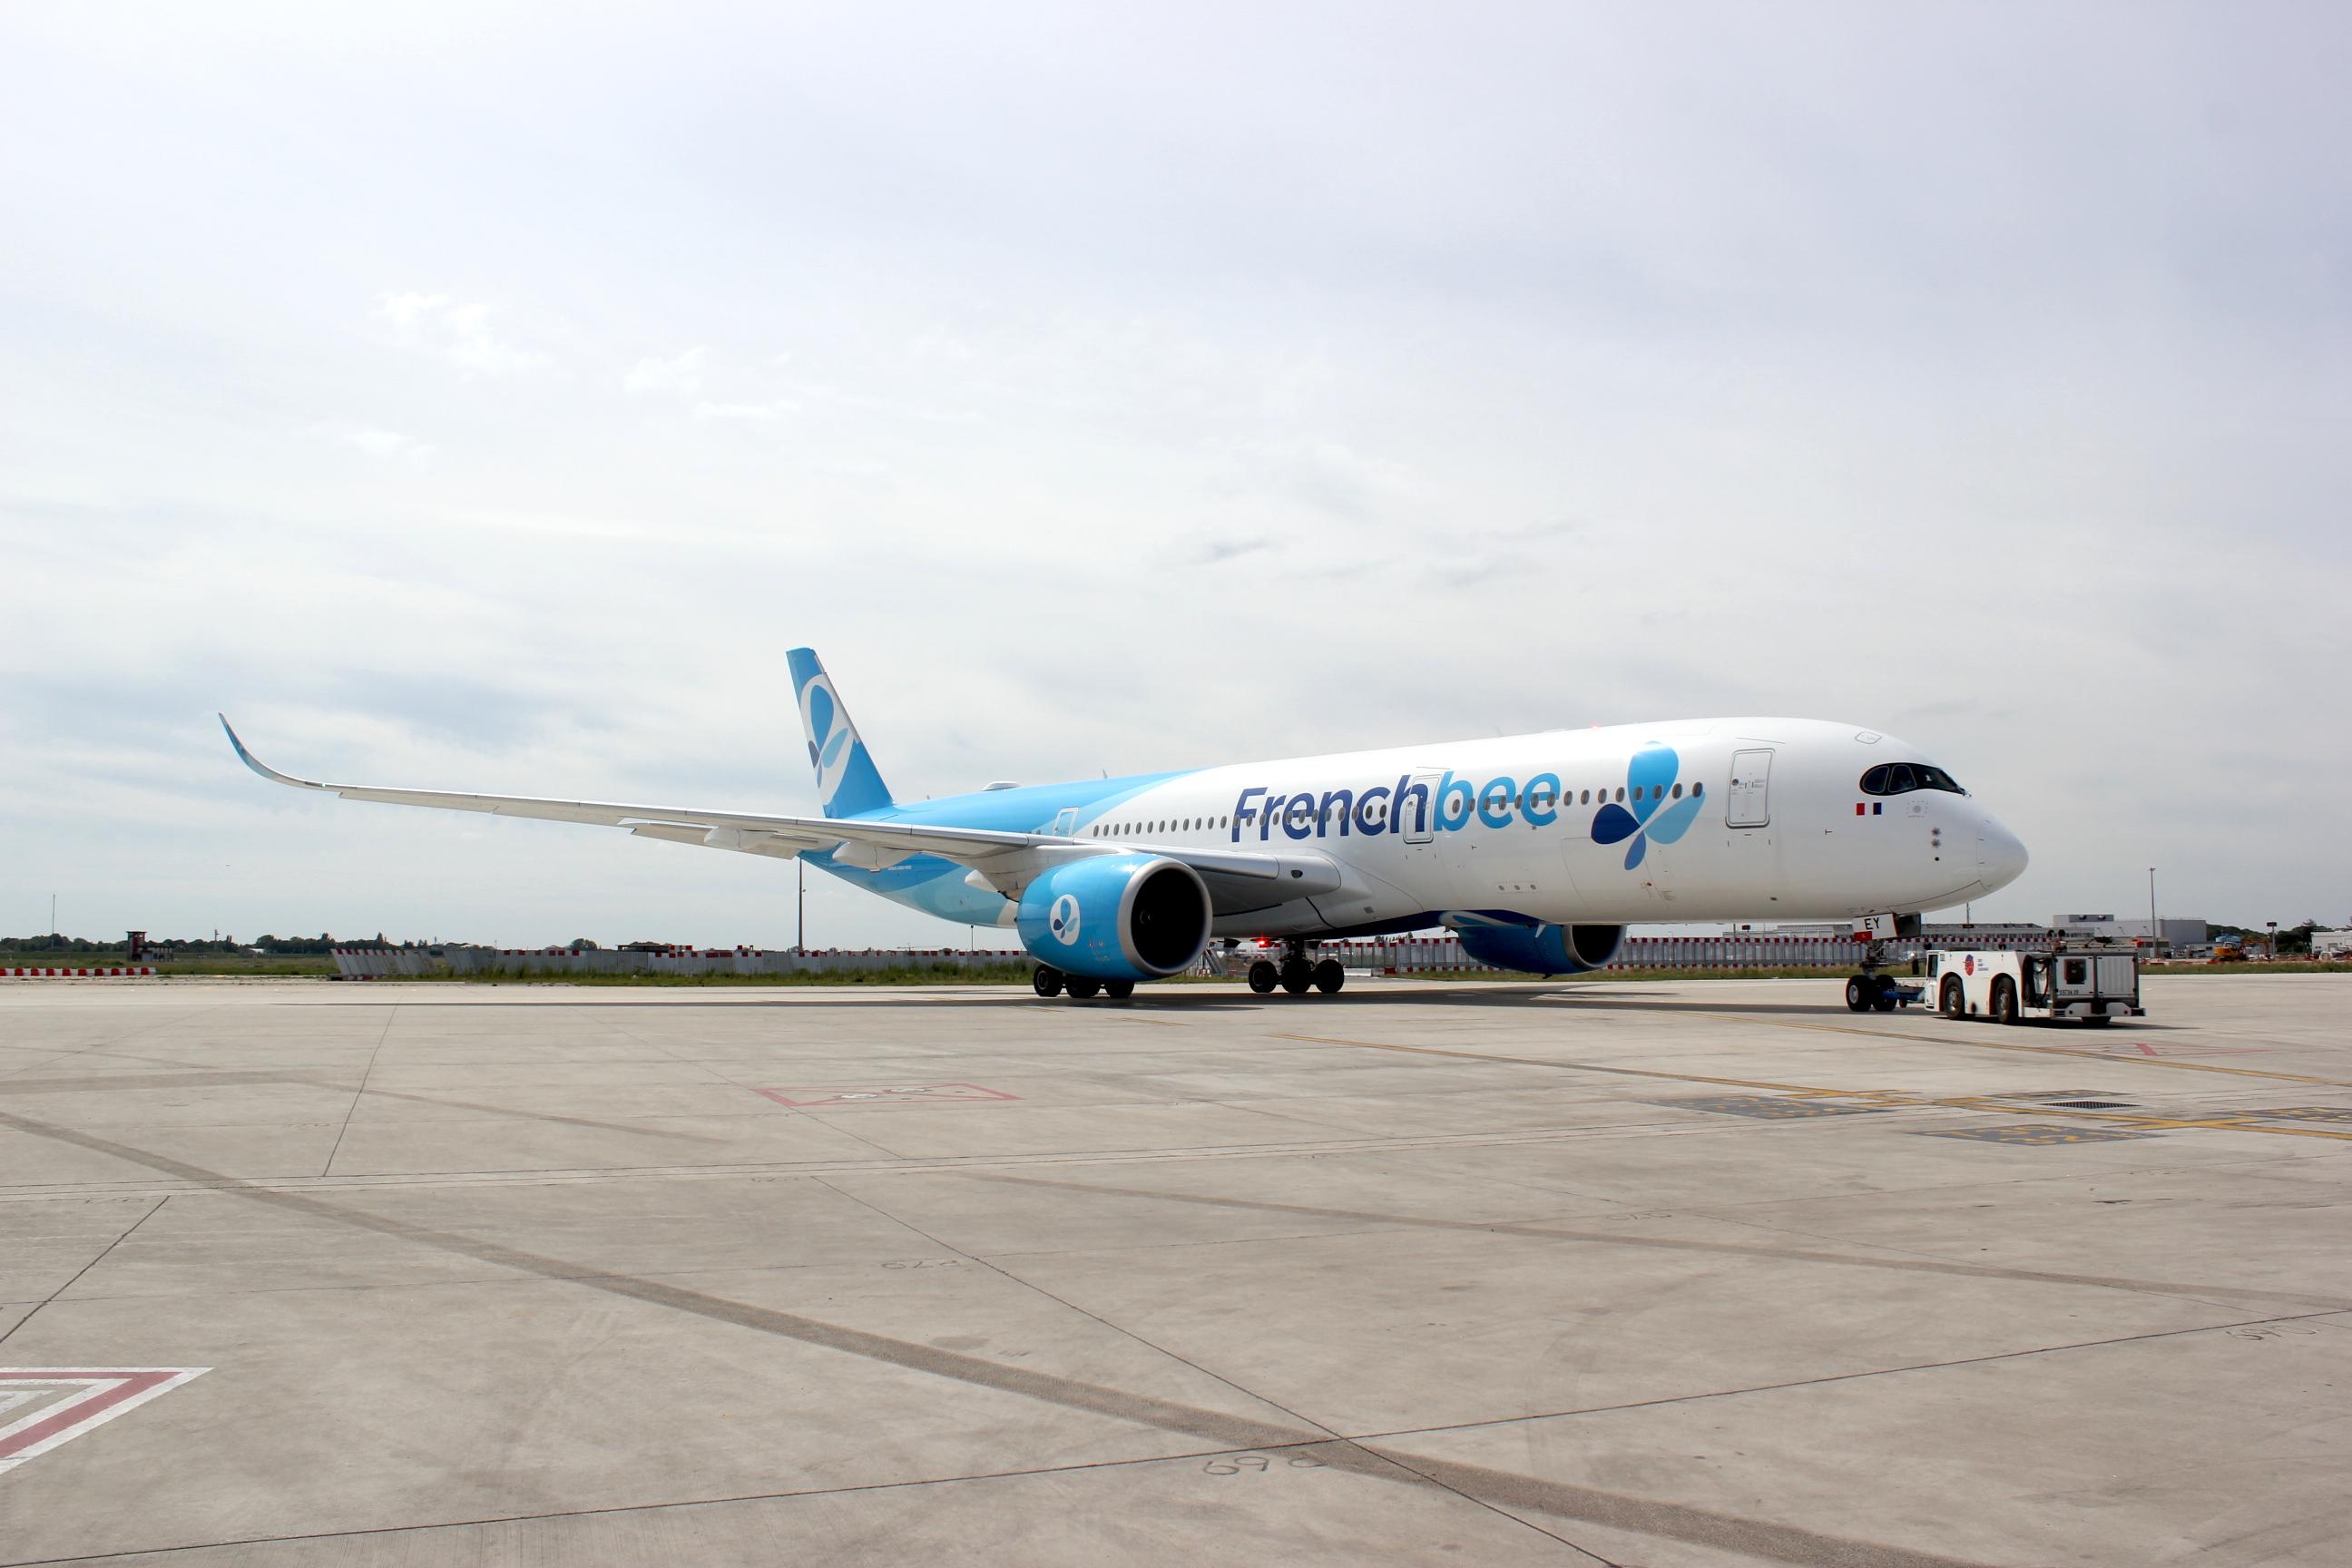 « Pour opérer des vols avec des passagers, il faudra (…) que les conditions soient viables économiquement », Muriel Assouline, Directrice générale de French Bee